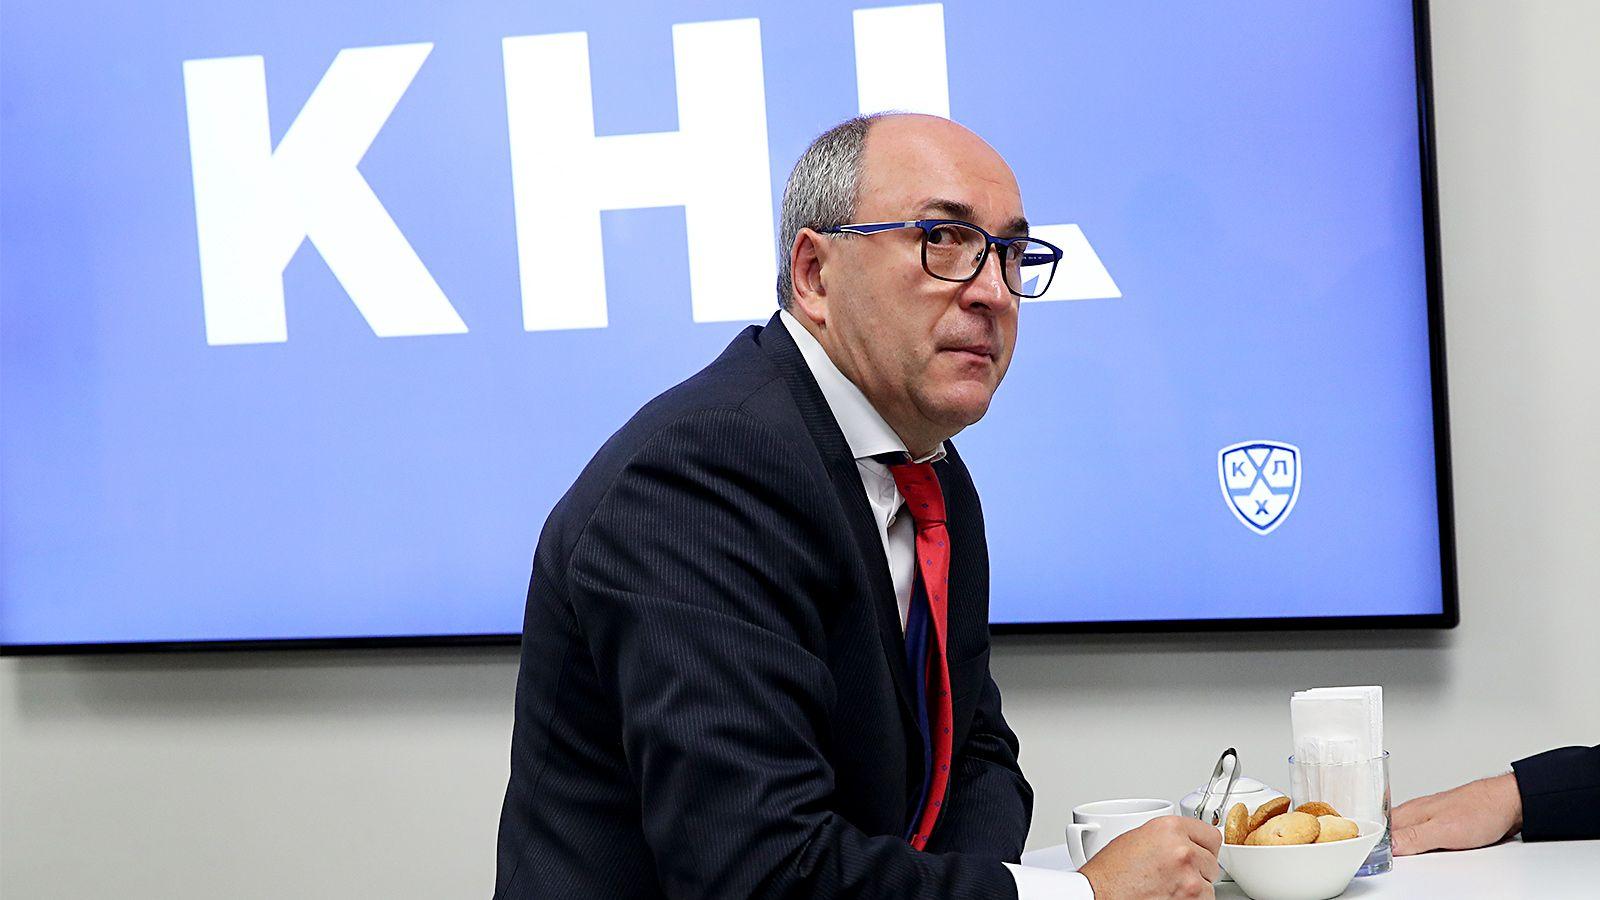 Путин наградил орденом президента ЦСКА Есмантовича